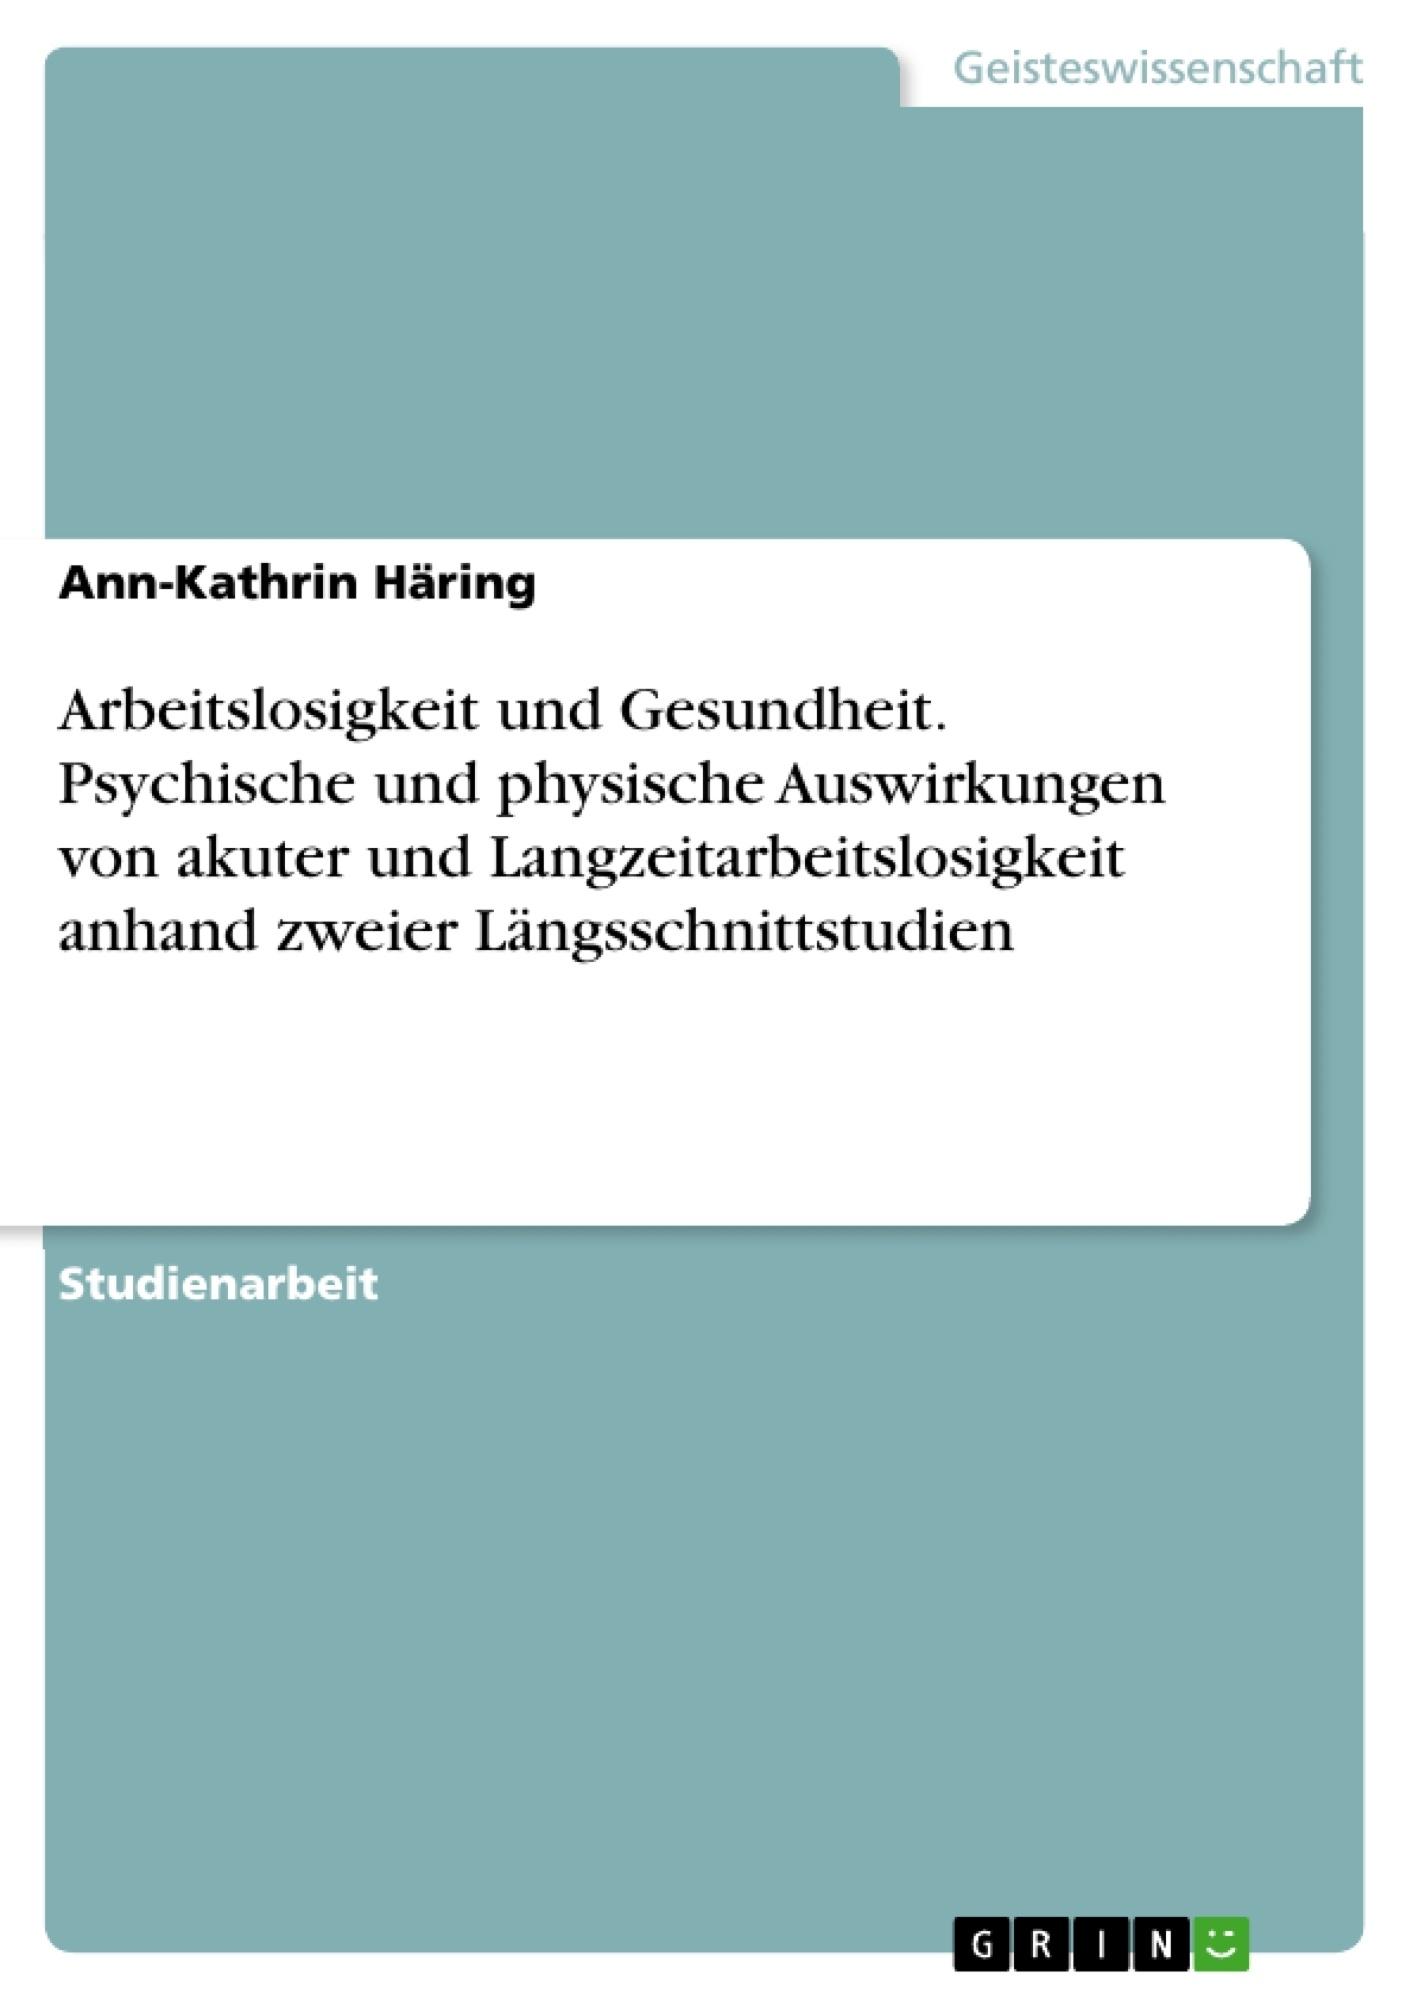 Titel: Arbeitslosigkeit und Gesundheit. Psychische und physische Auswirkungen von akuter und Langzeitarbeitslosigkeit anhand zweier Längsschnittstudien